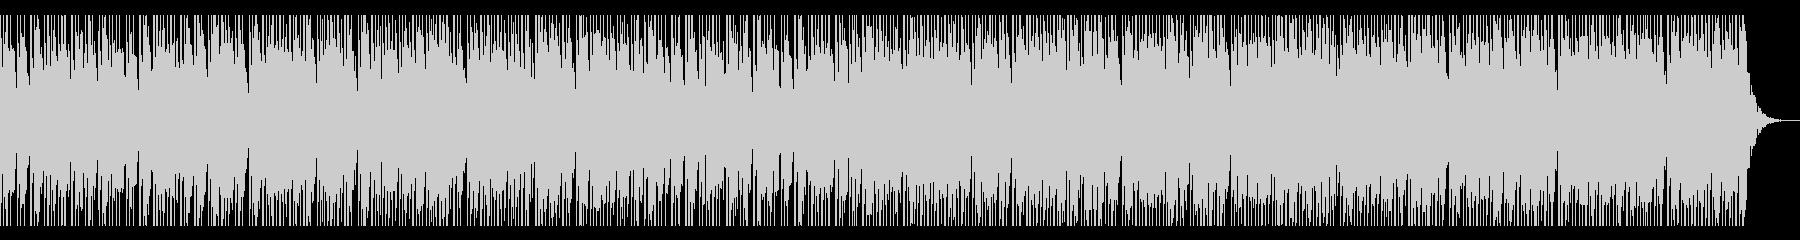 怒れる攻撃的なソロドラムの未再生の波形